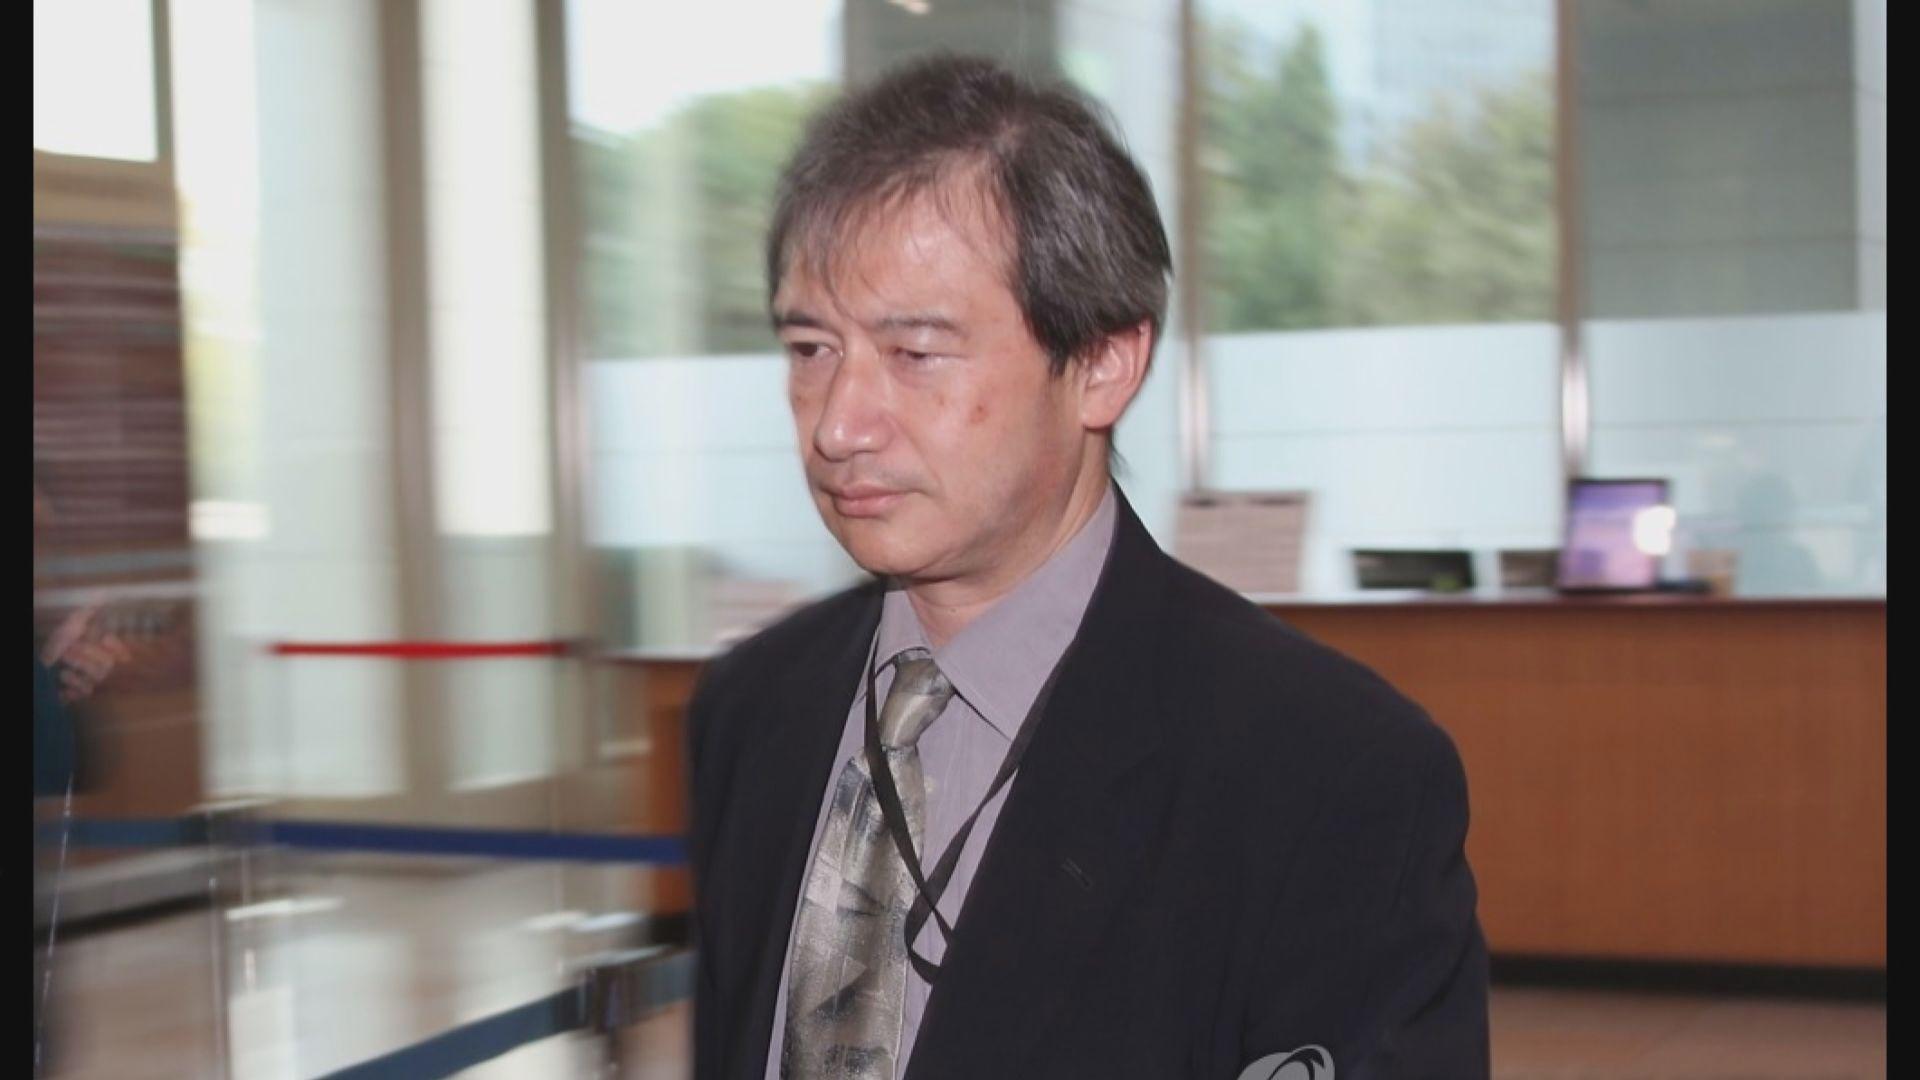 南韓傳召日本公使和武官抗議島嶼主張